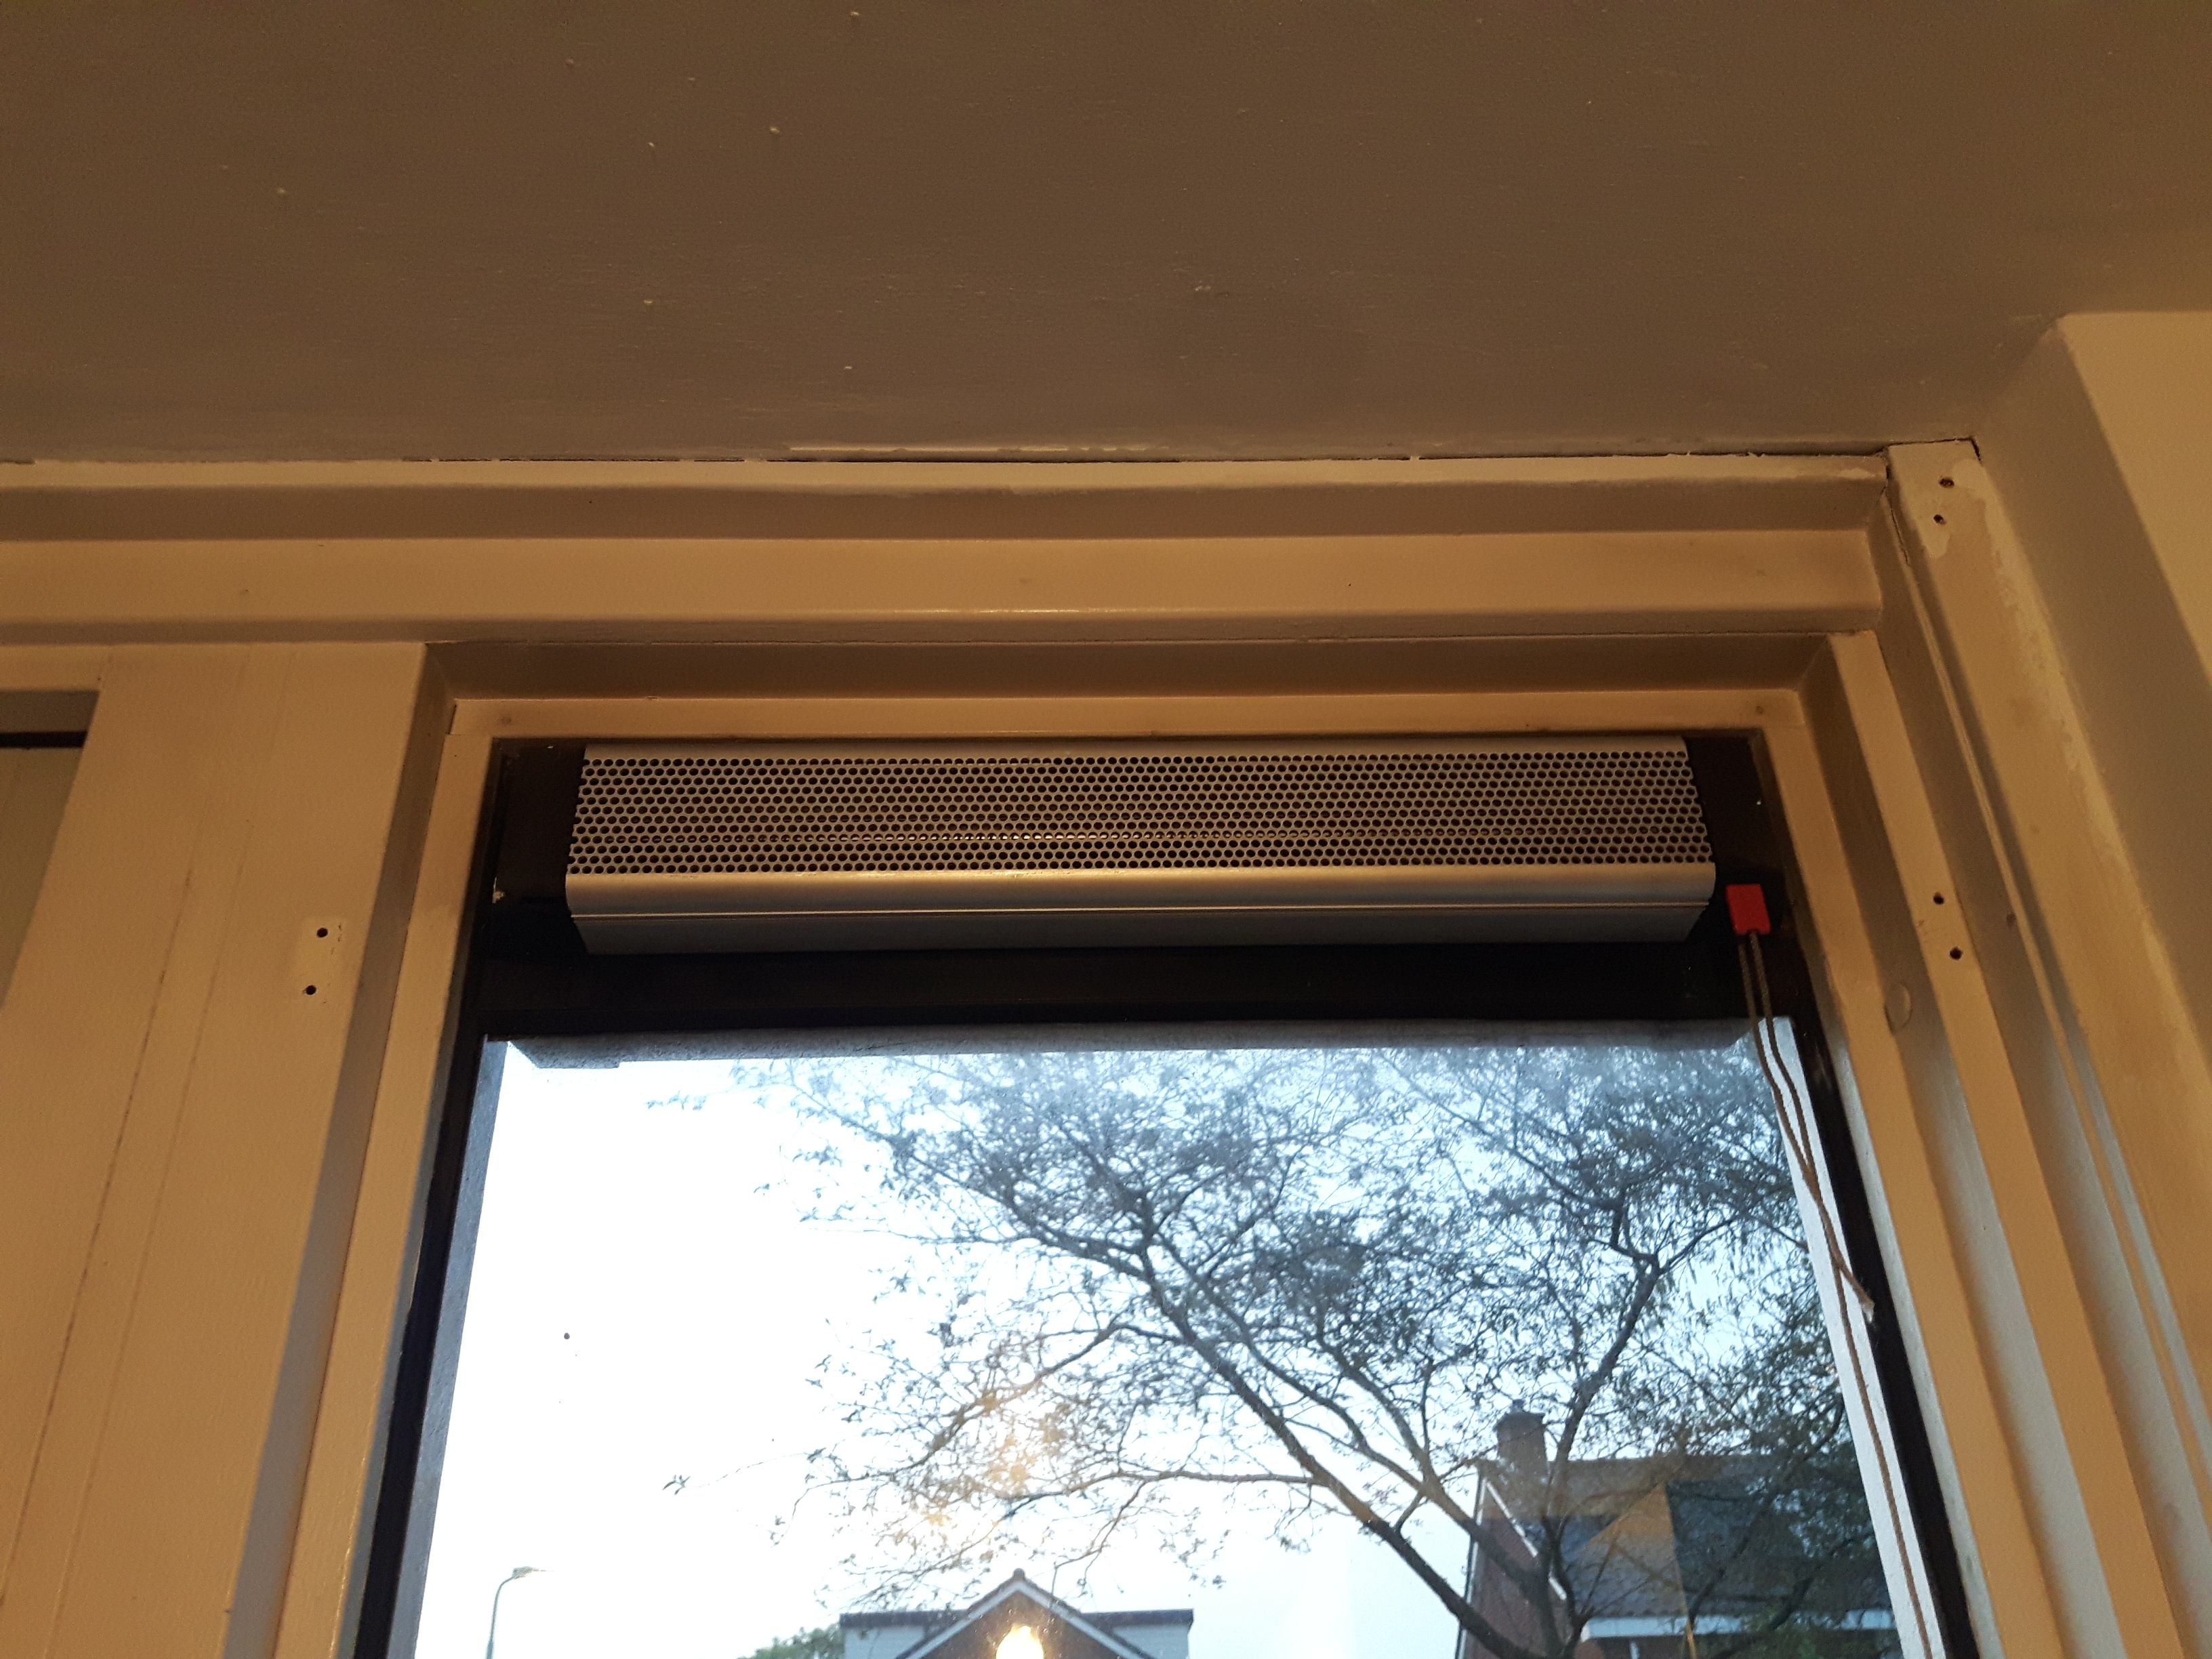 Uitzonderlijk Touwtje ventilatierooster vervangen - Wonen & Verbouwen - GoT YC83